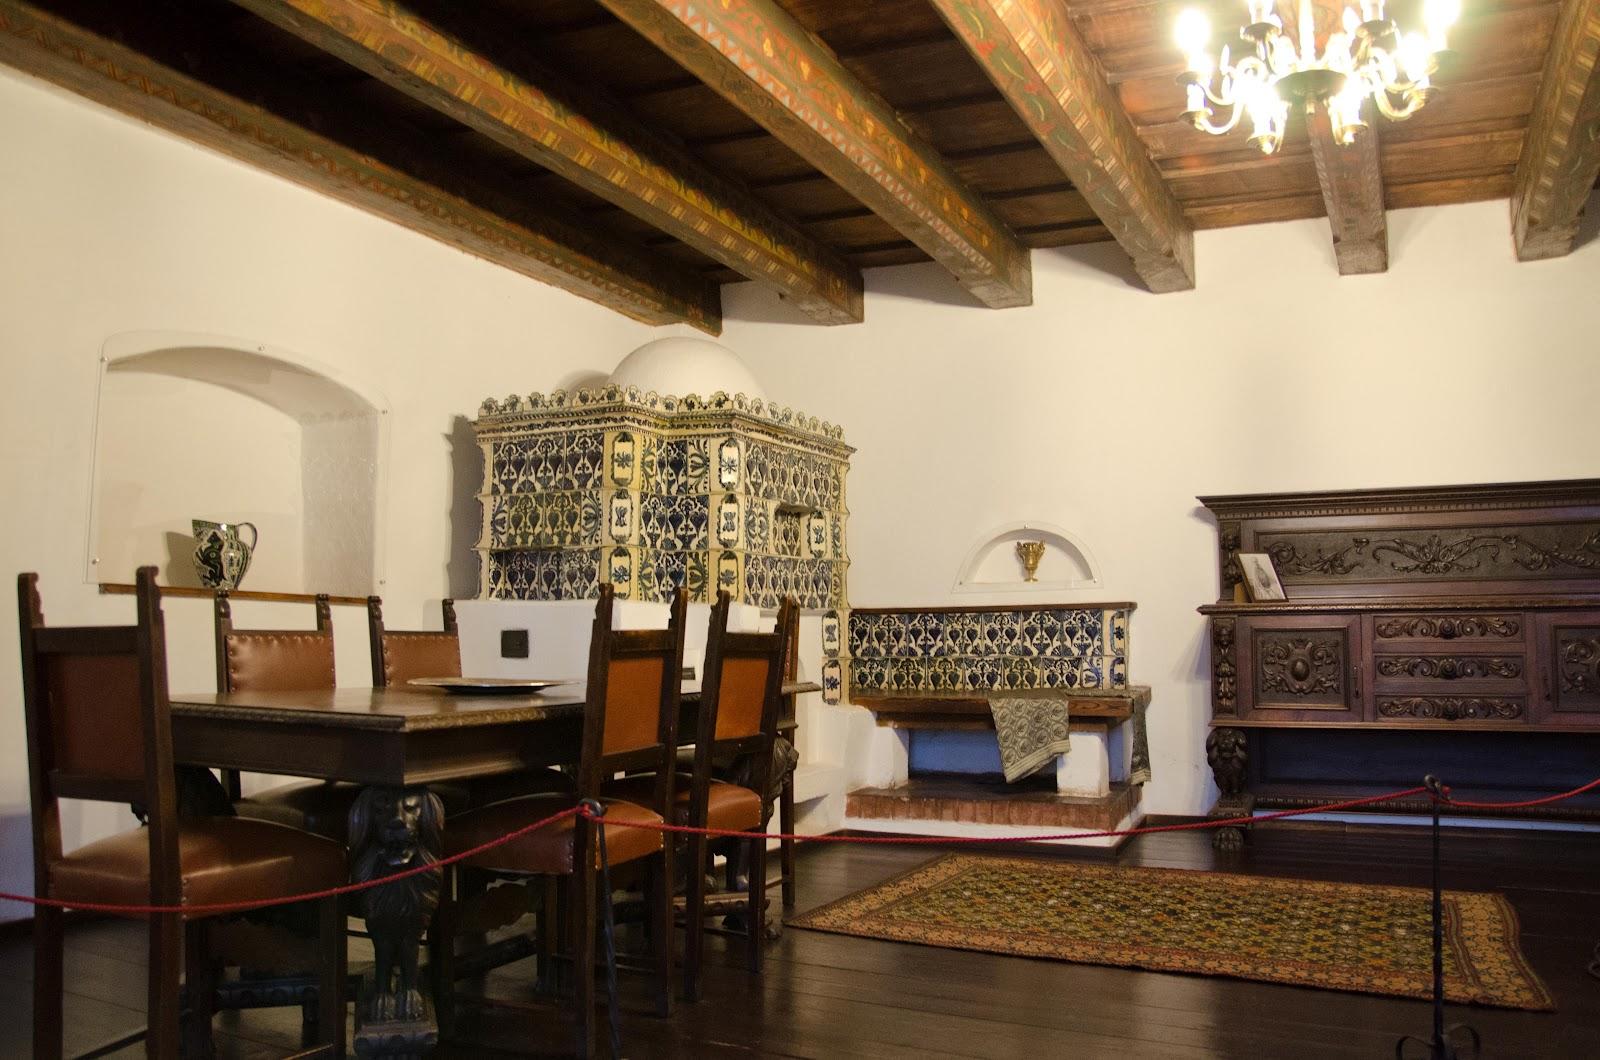 După retrocedarea castelului către familia de Habsburg, statul român şi-a retras colecţiile propri.Ele au fost înlocuite cu piese din colecţiile actualilor proprietari